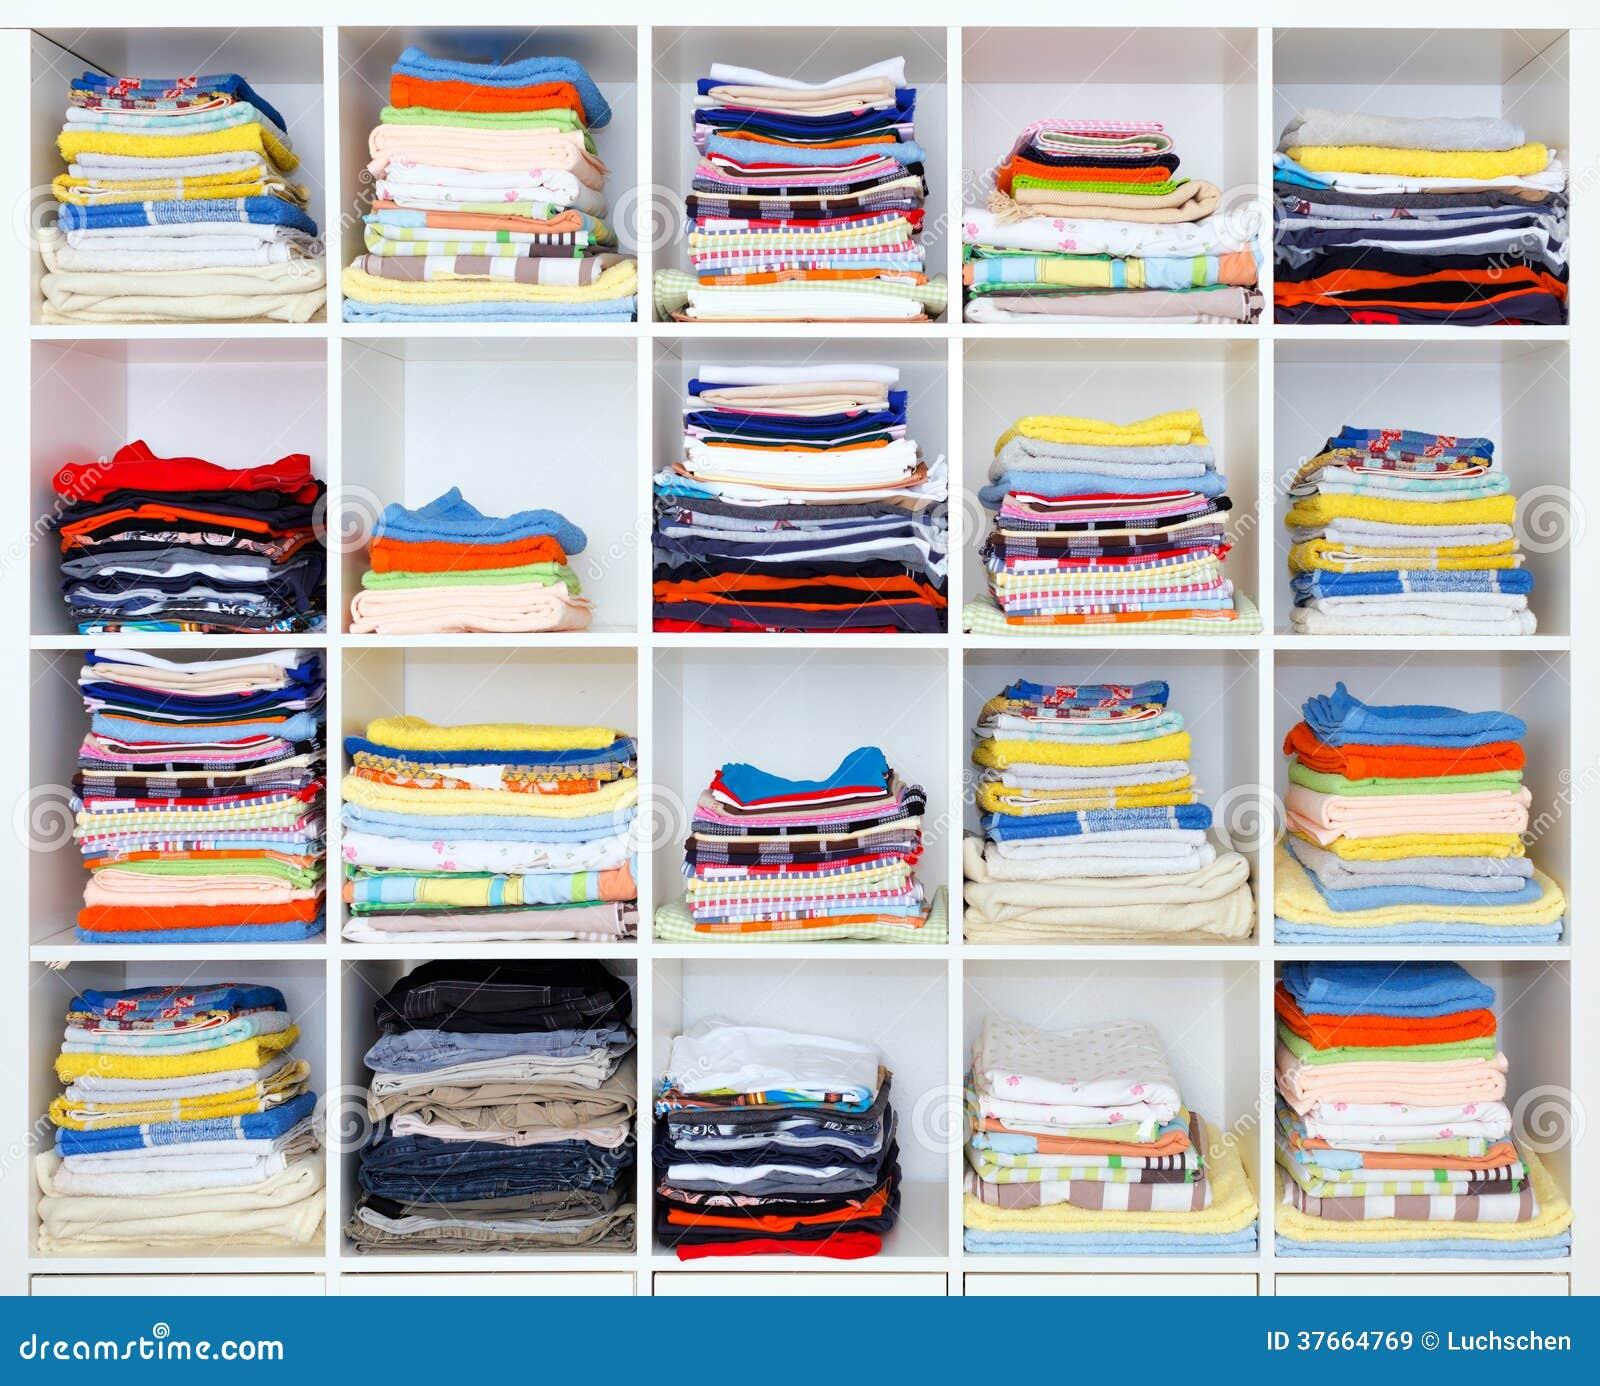 Handdukar, sängark och kläder på hylla